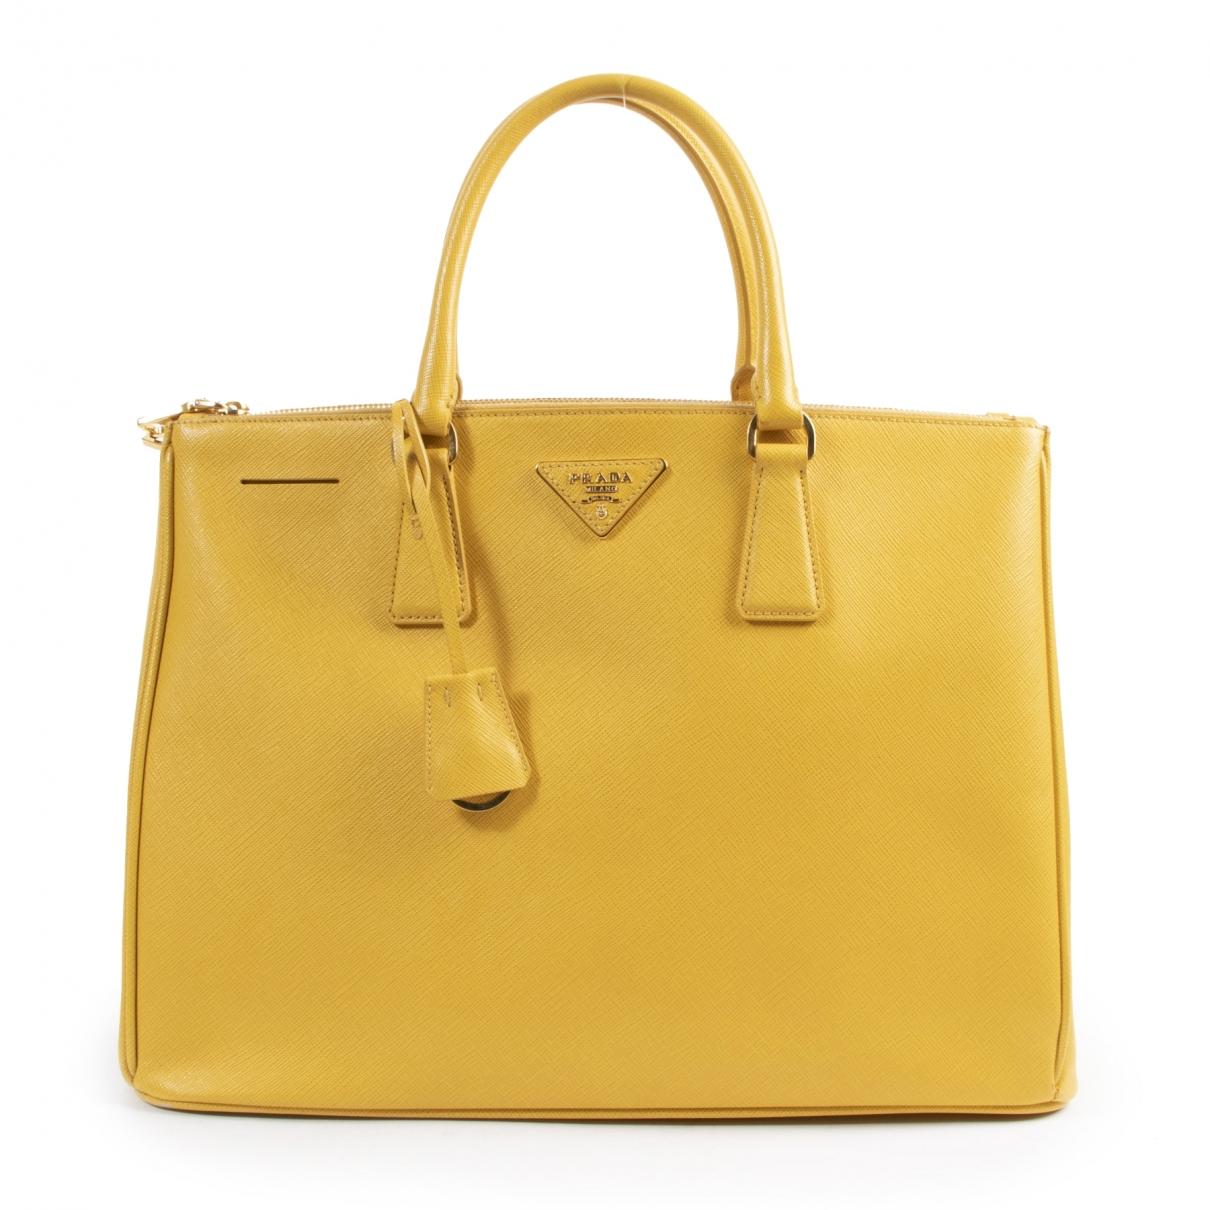 Prada Galleria Handtasche in  Gelb Leder